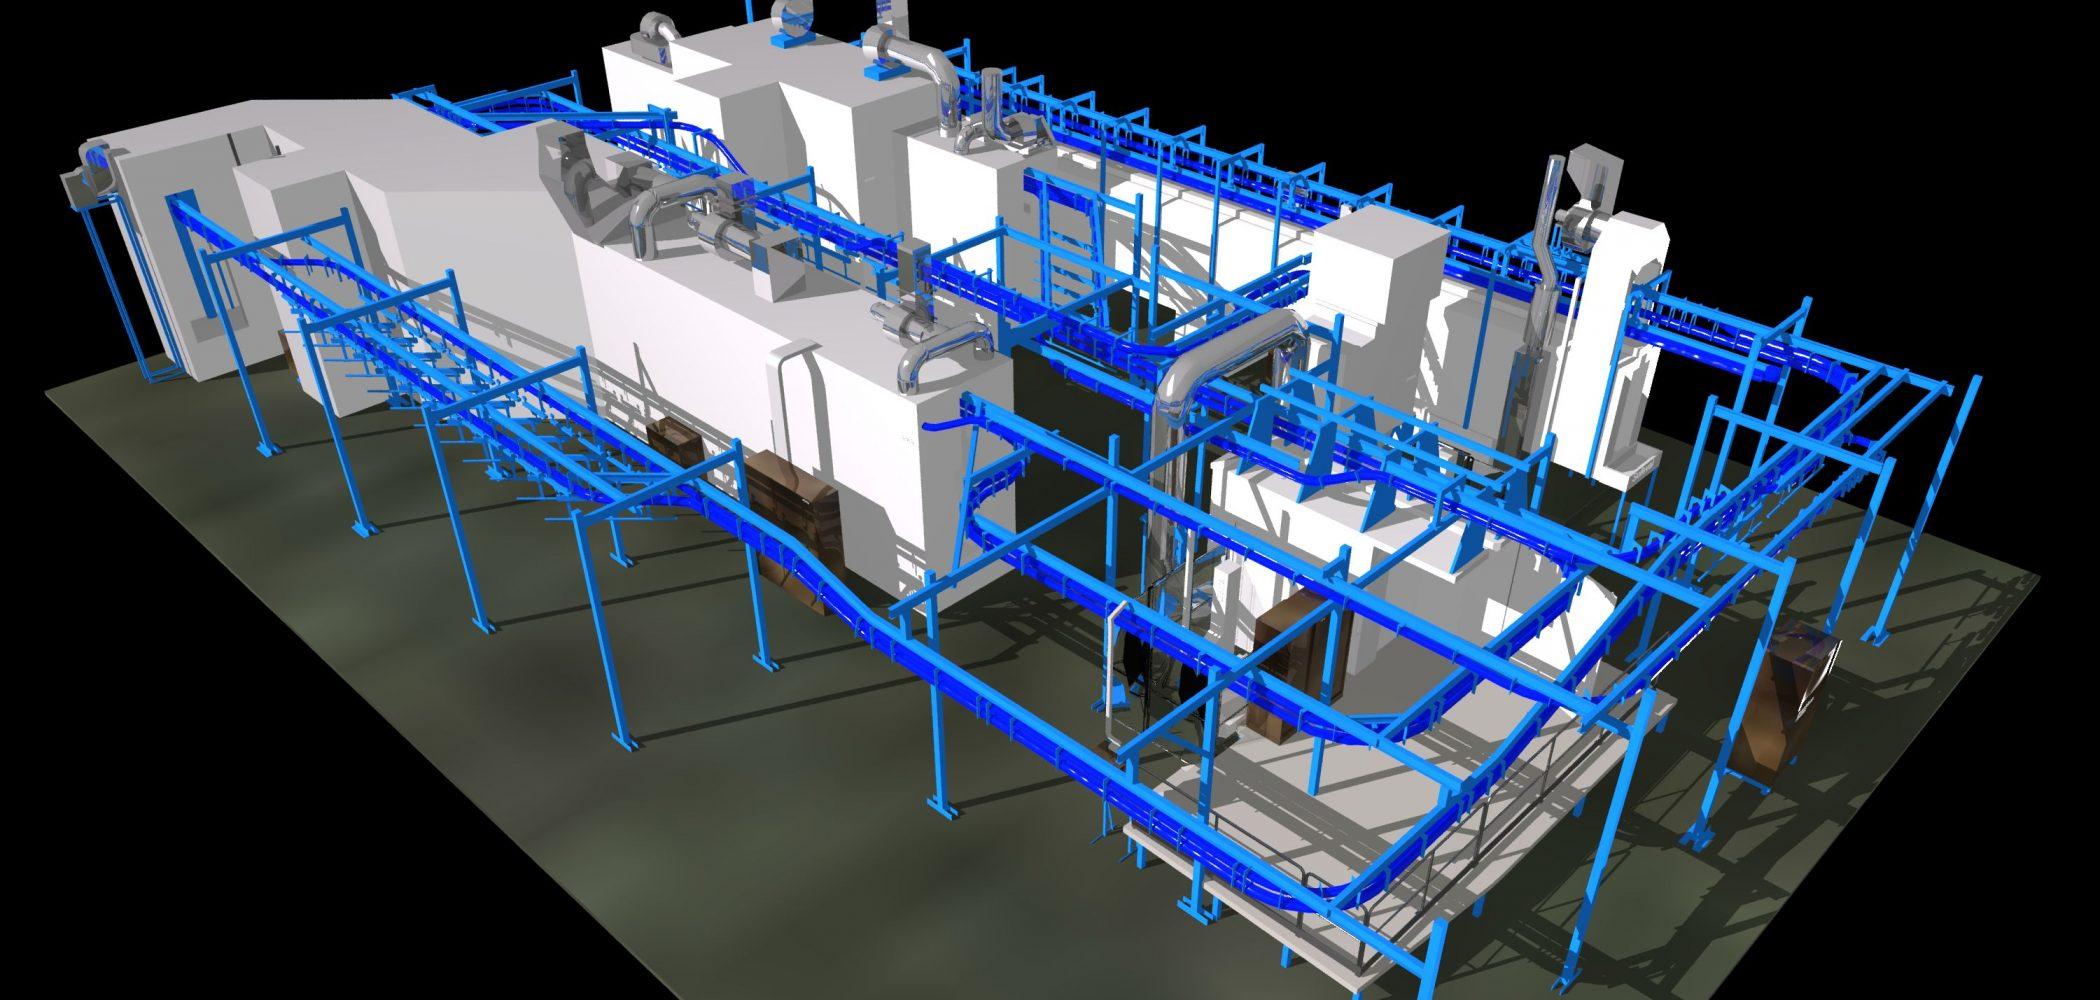 Modélisation 3D De L'usine Huot